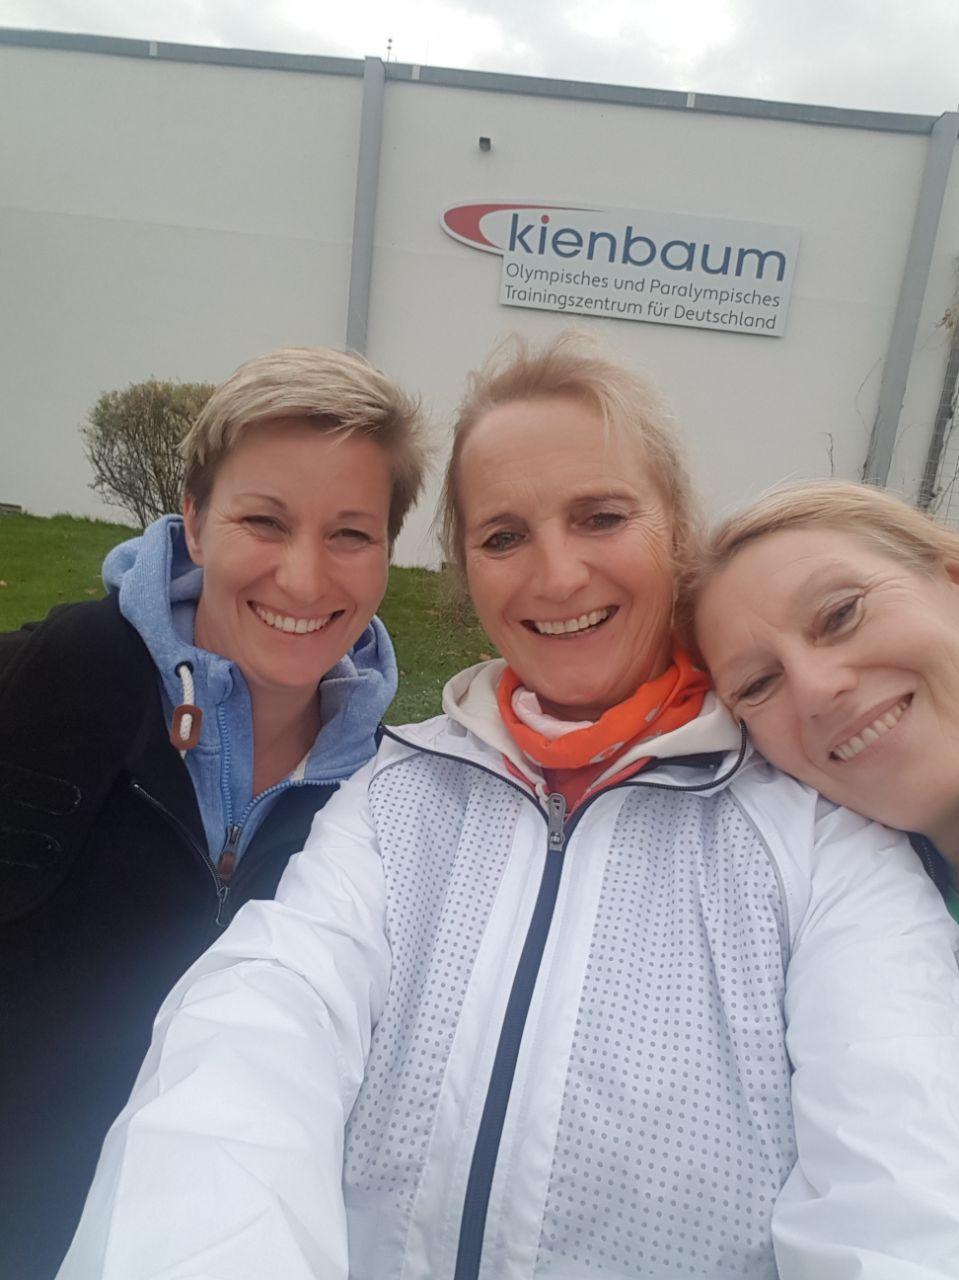 Kienbaum 2017